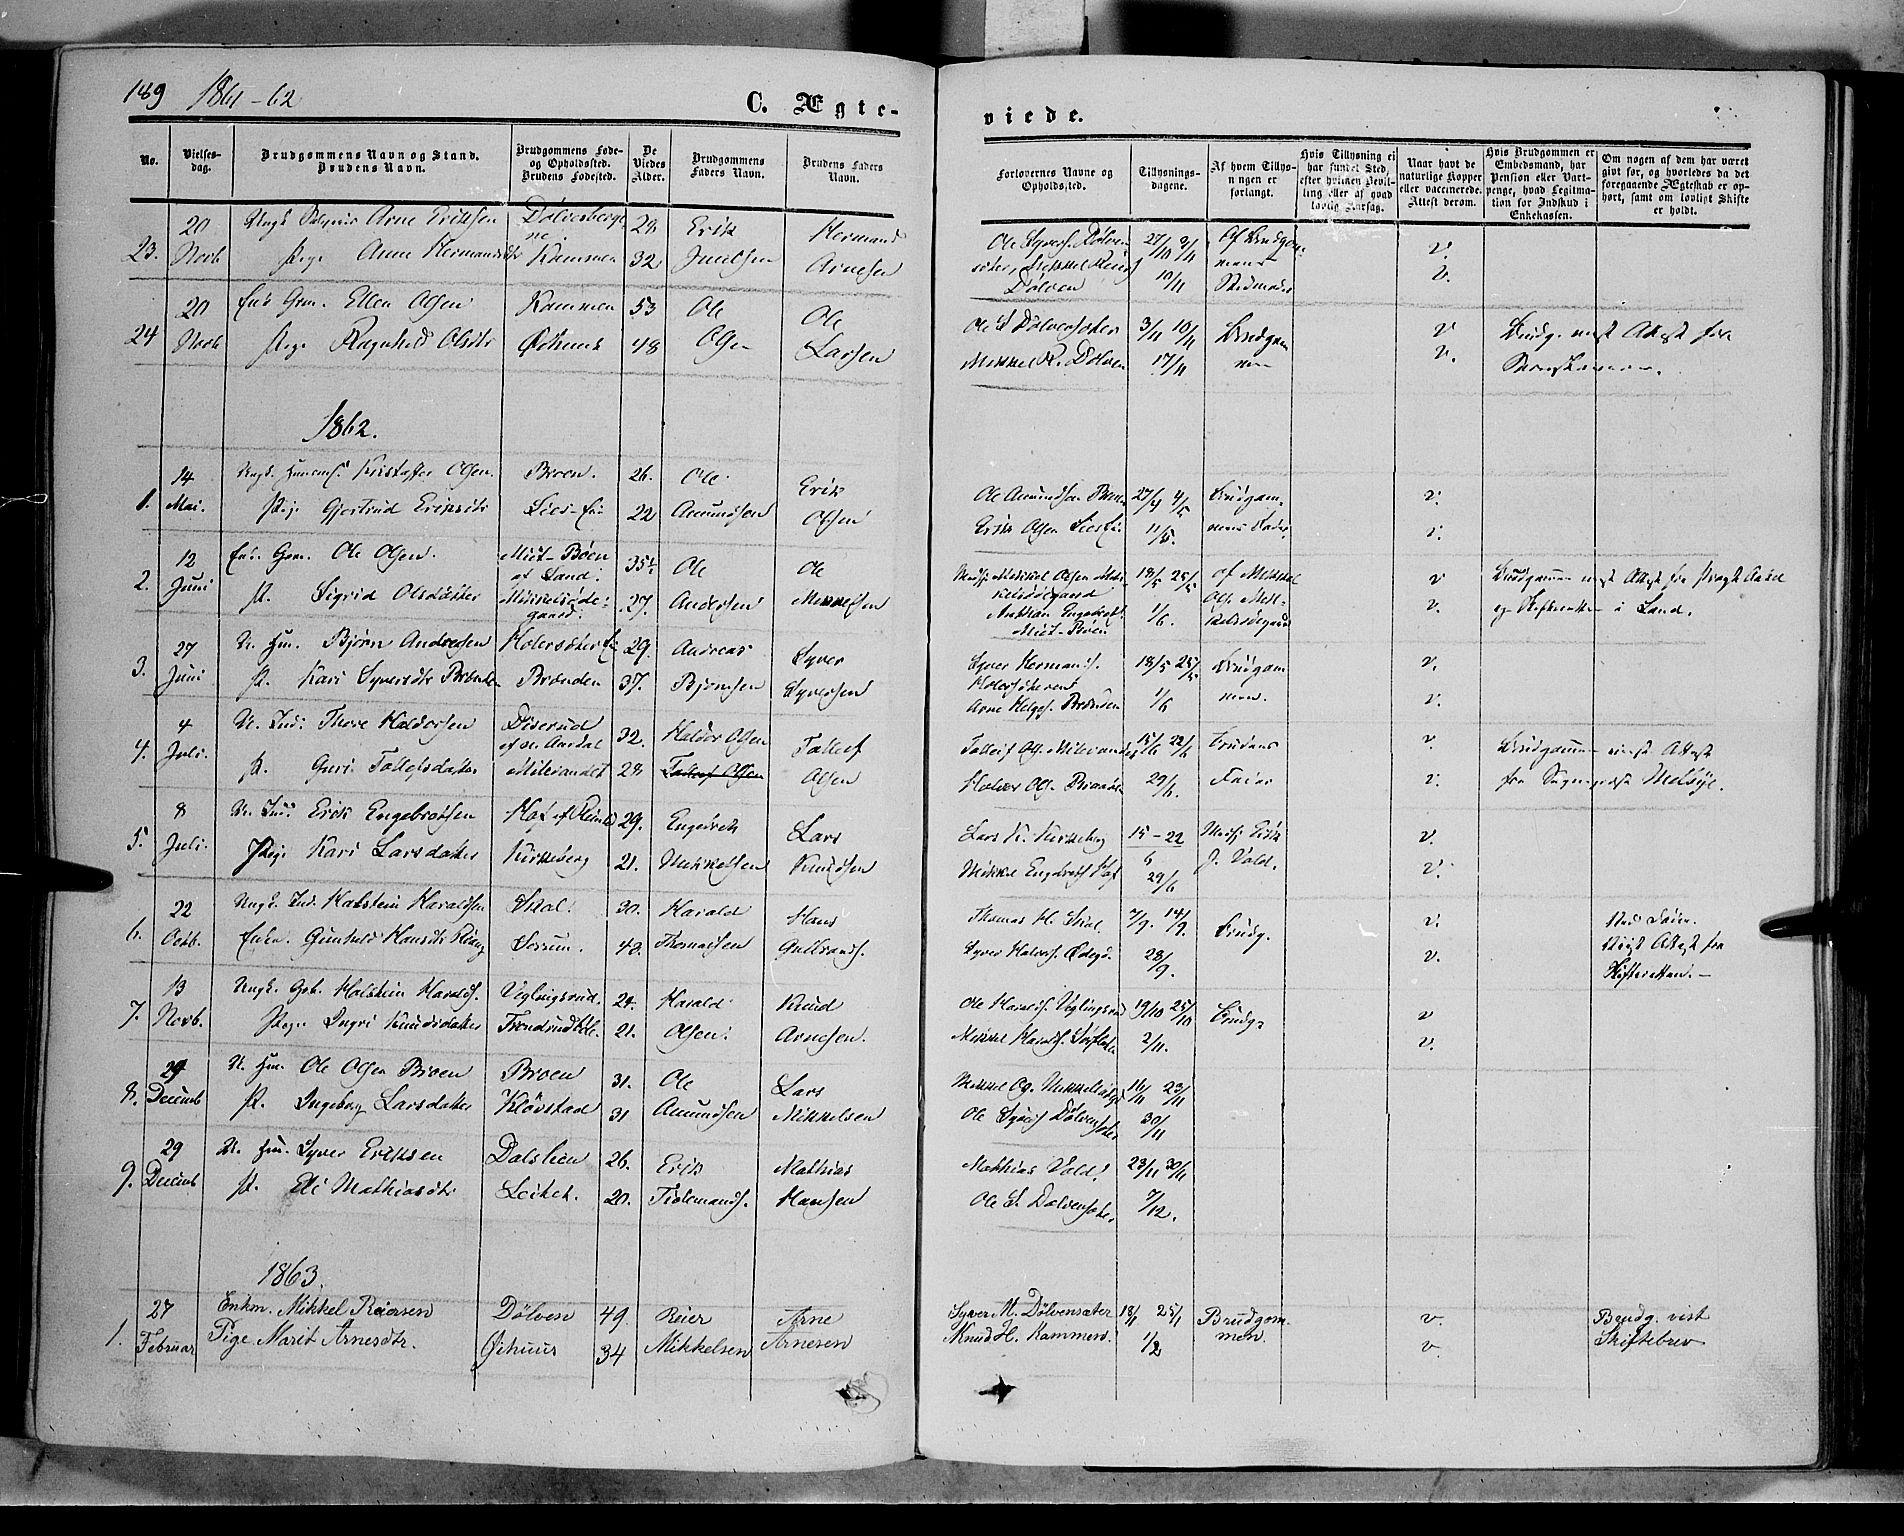 SAH, Sør-Aurdal prestekontor, Ministerialbok nr. 5, 1849-1876, s. 189